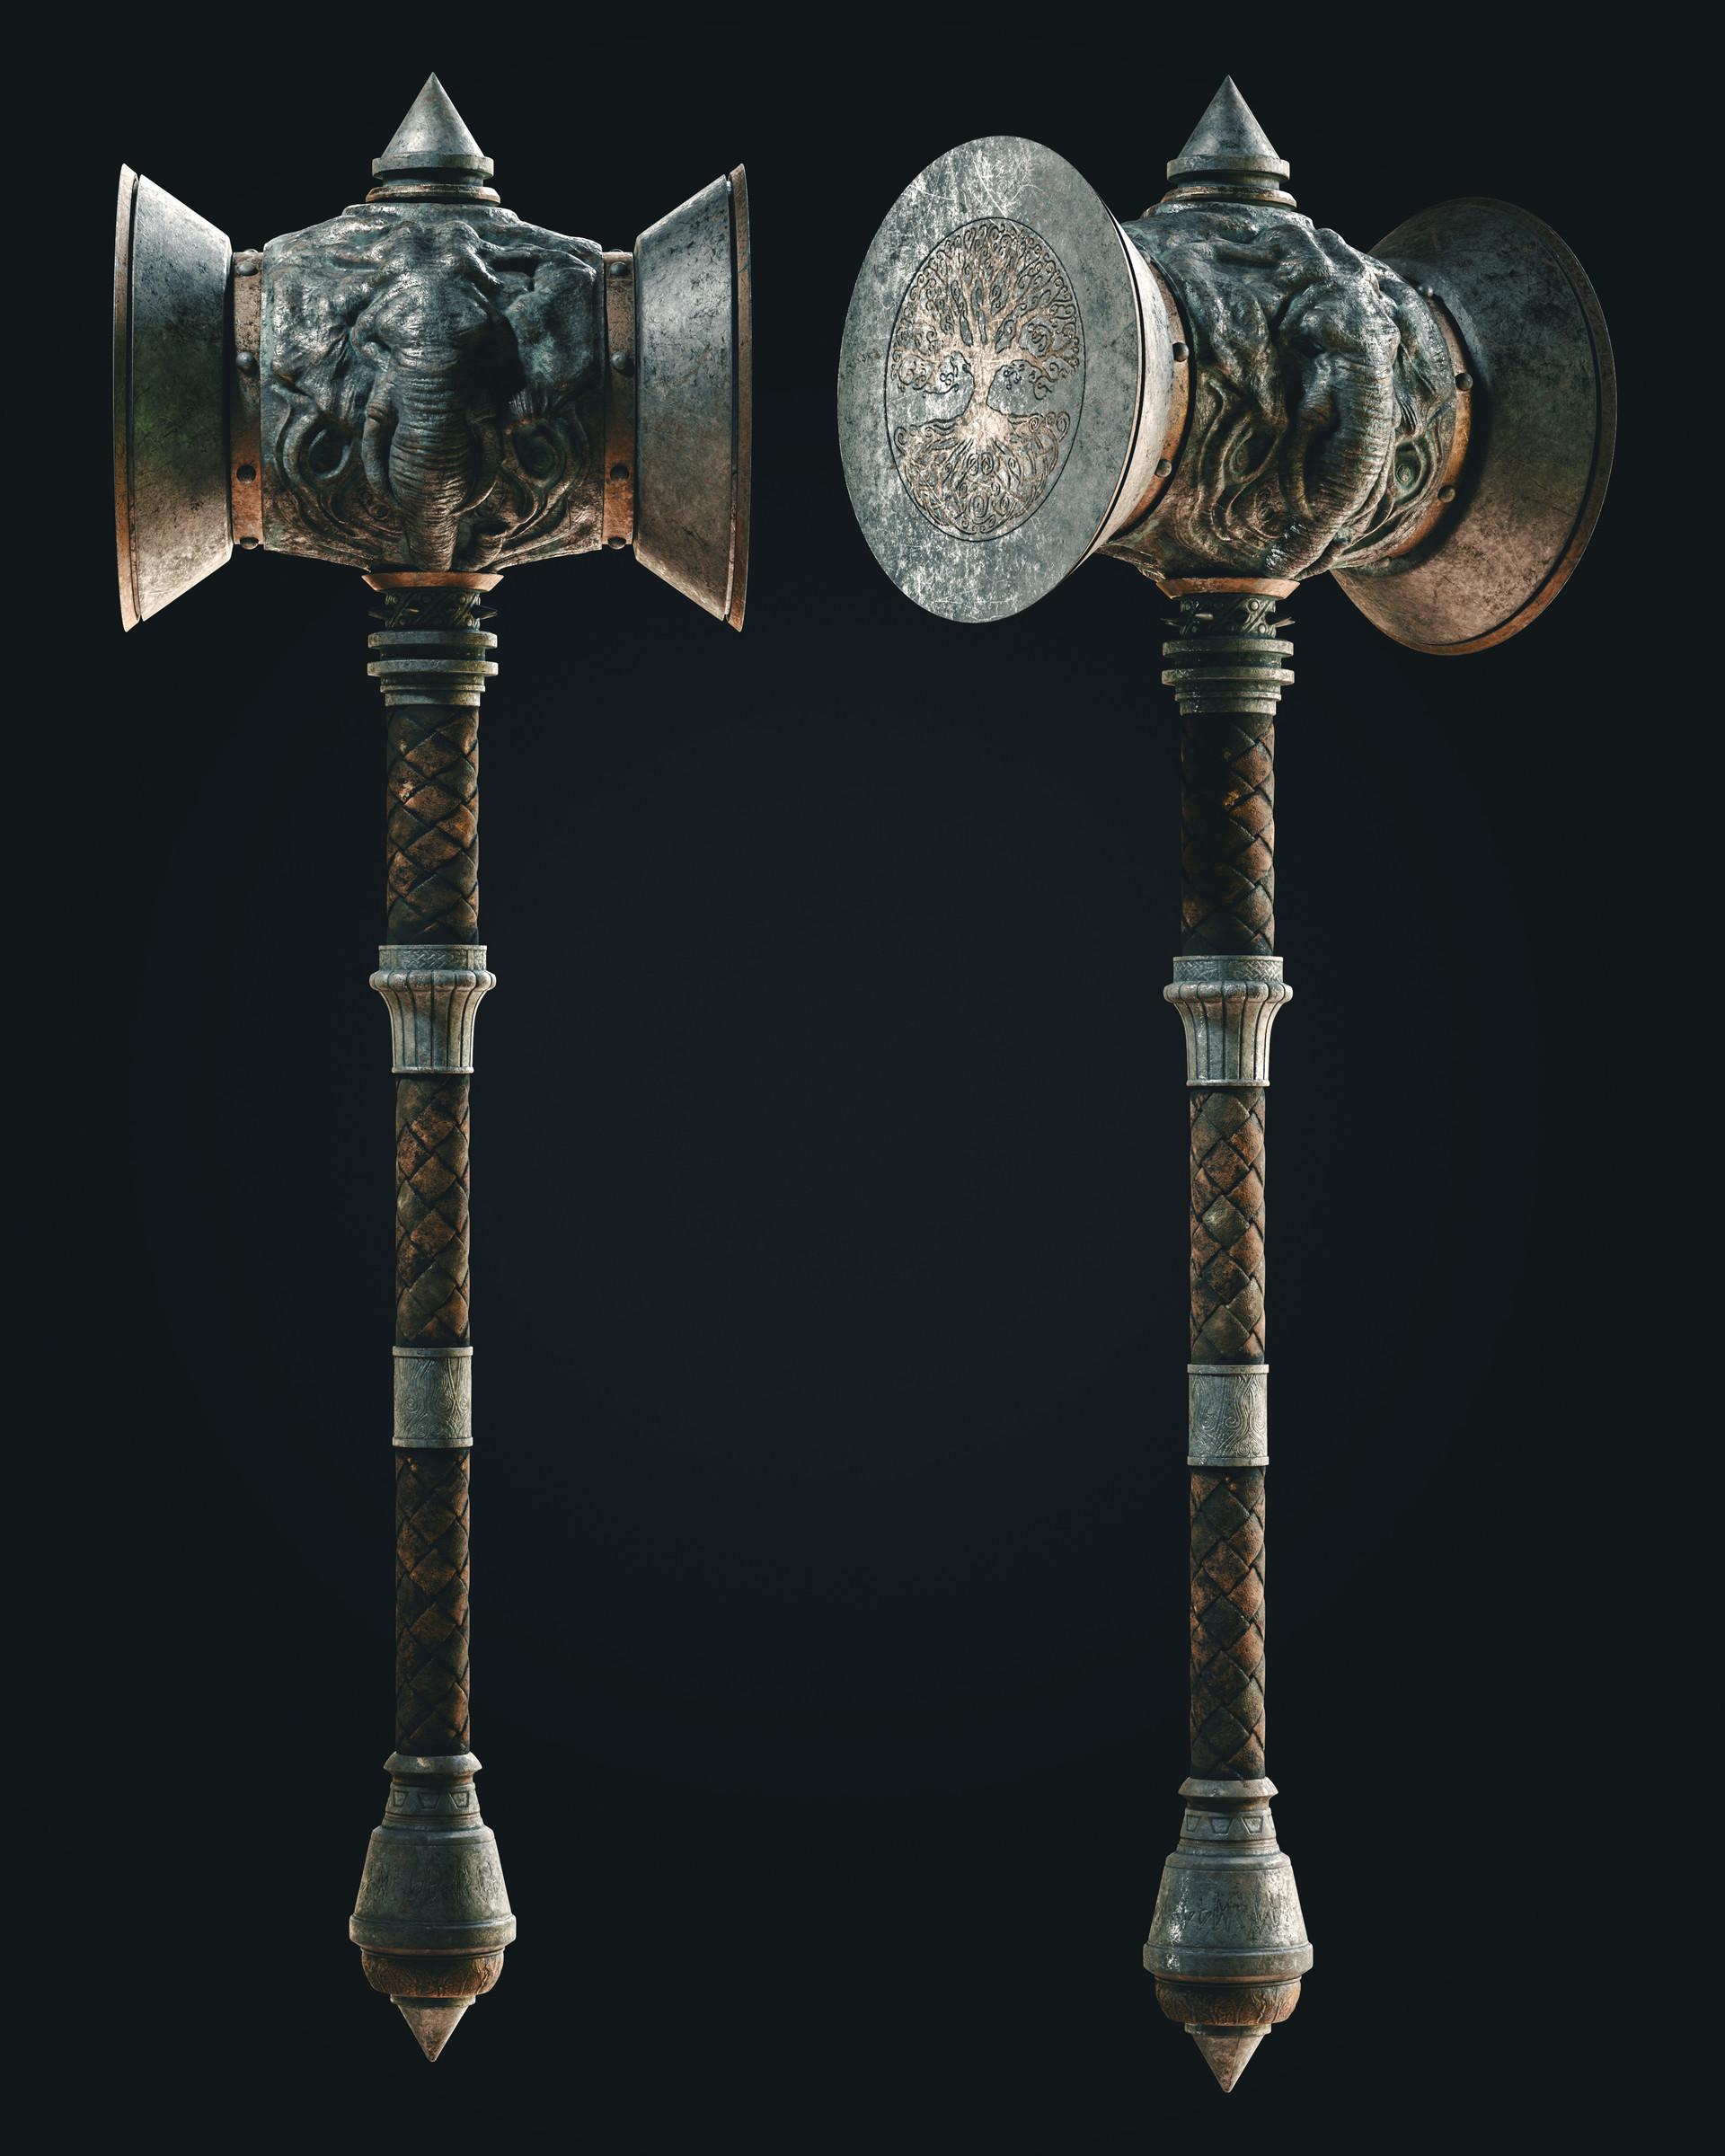 Vinicius favero hammer